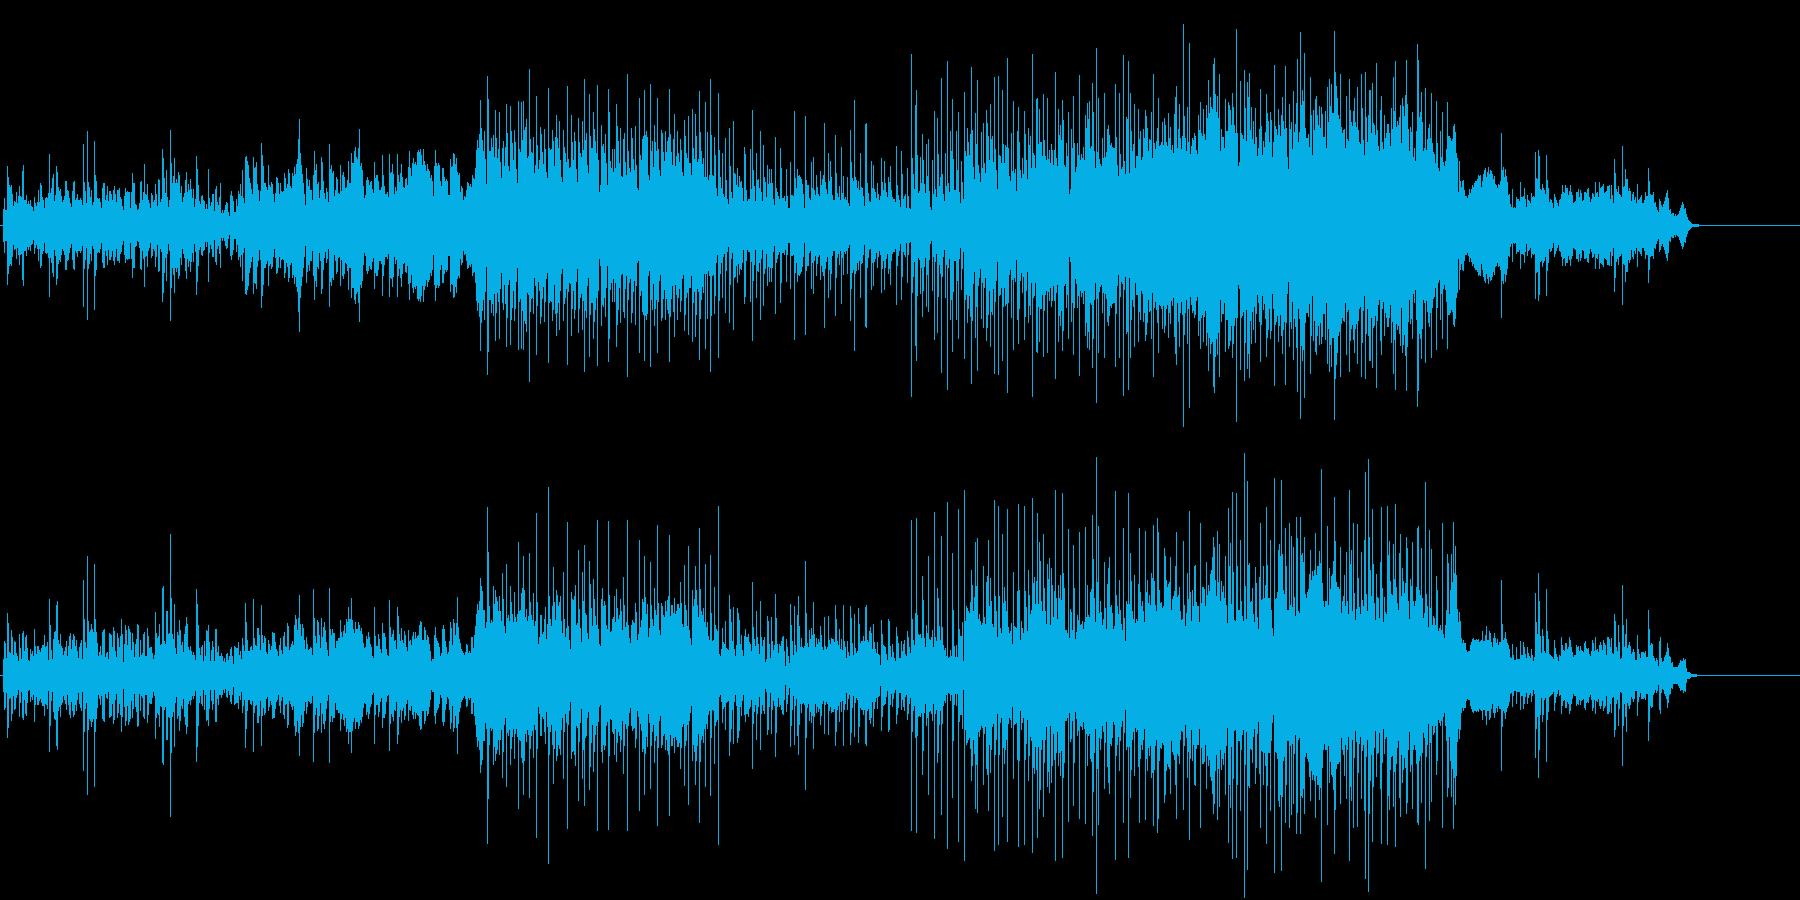 Asian Blueの再生済みの波形